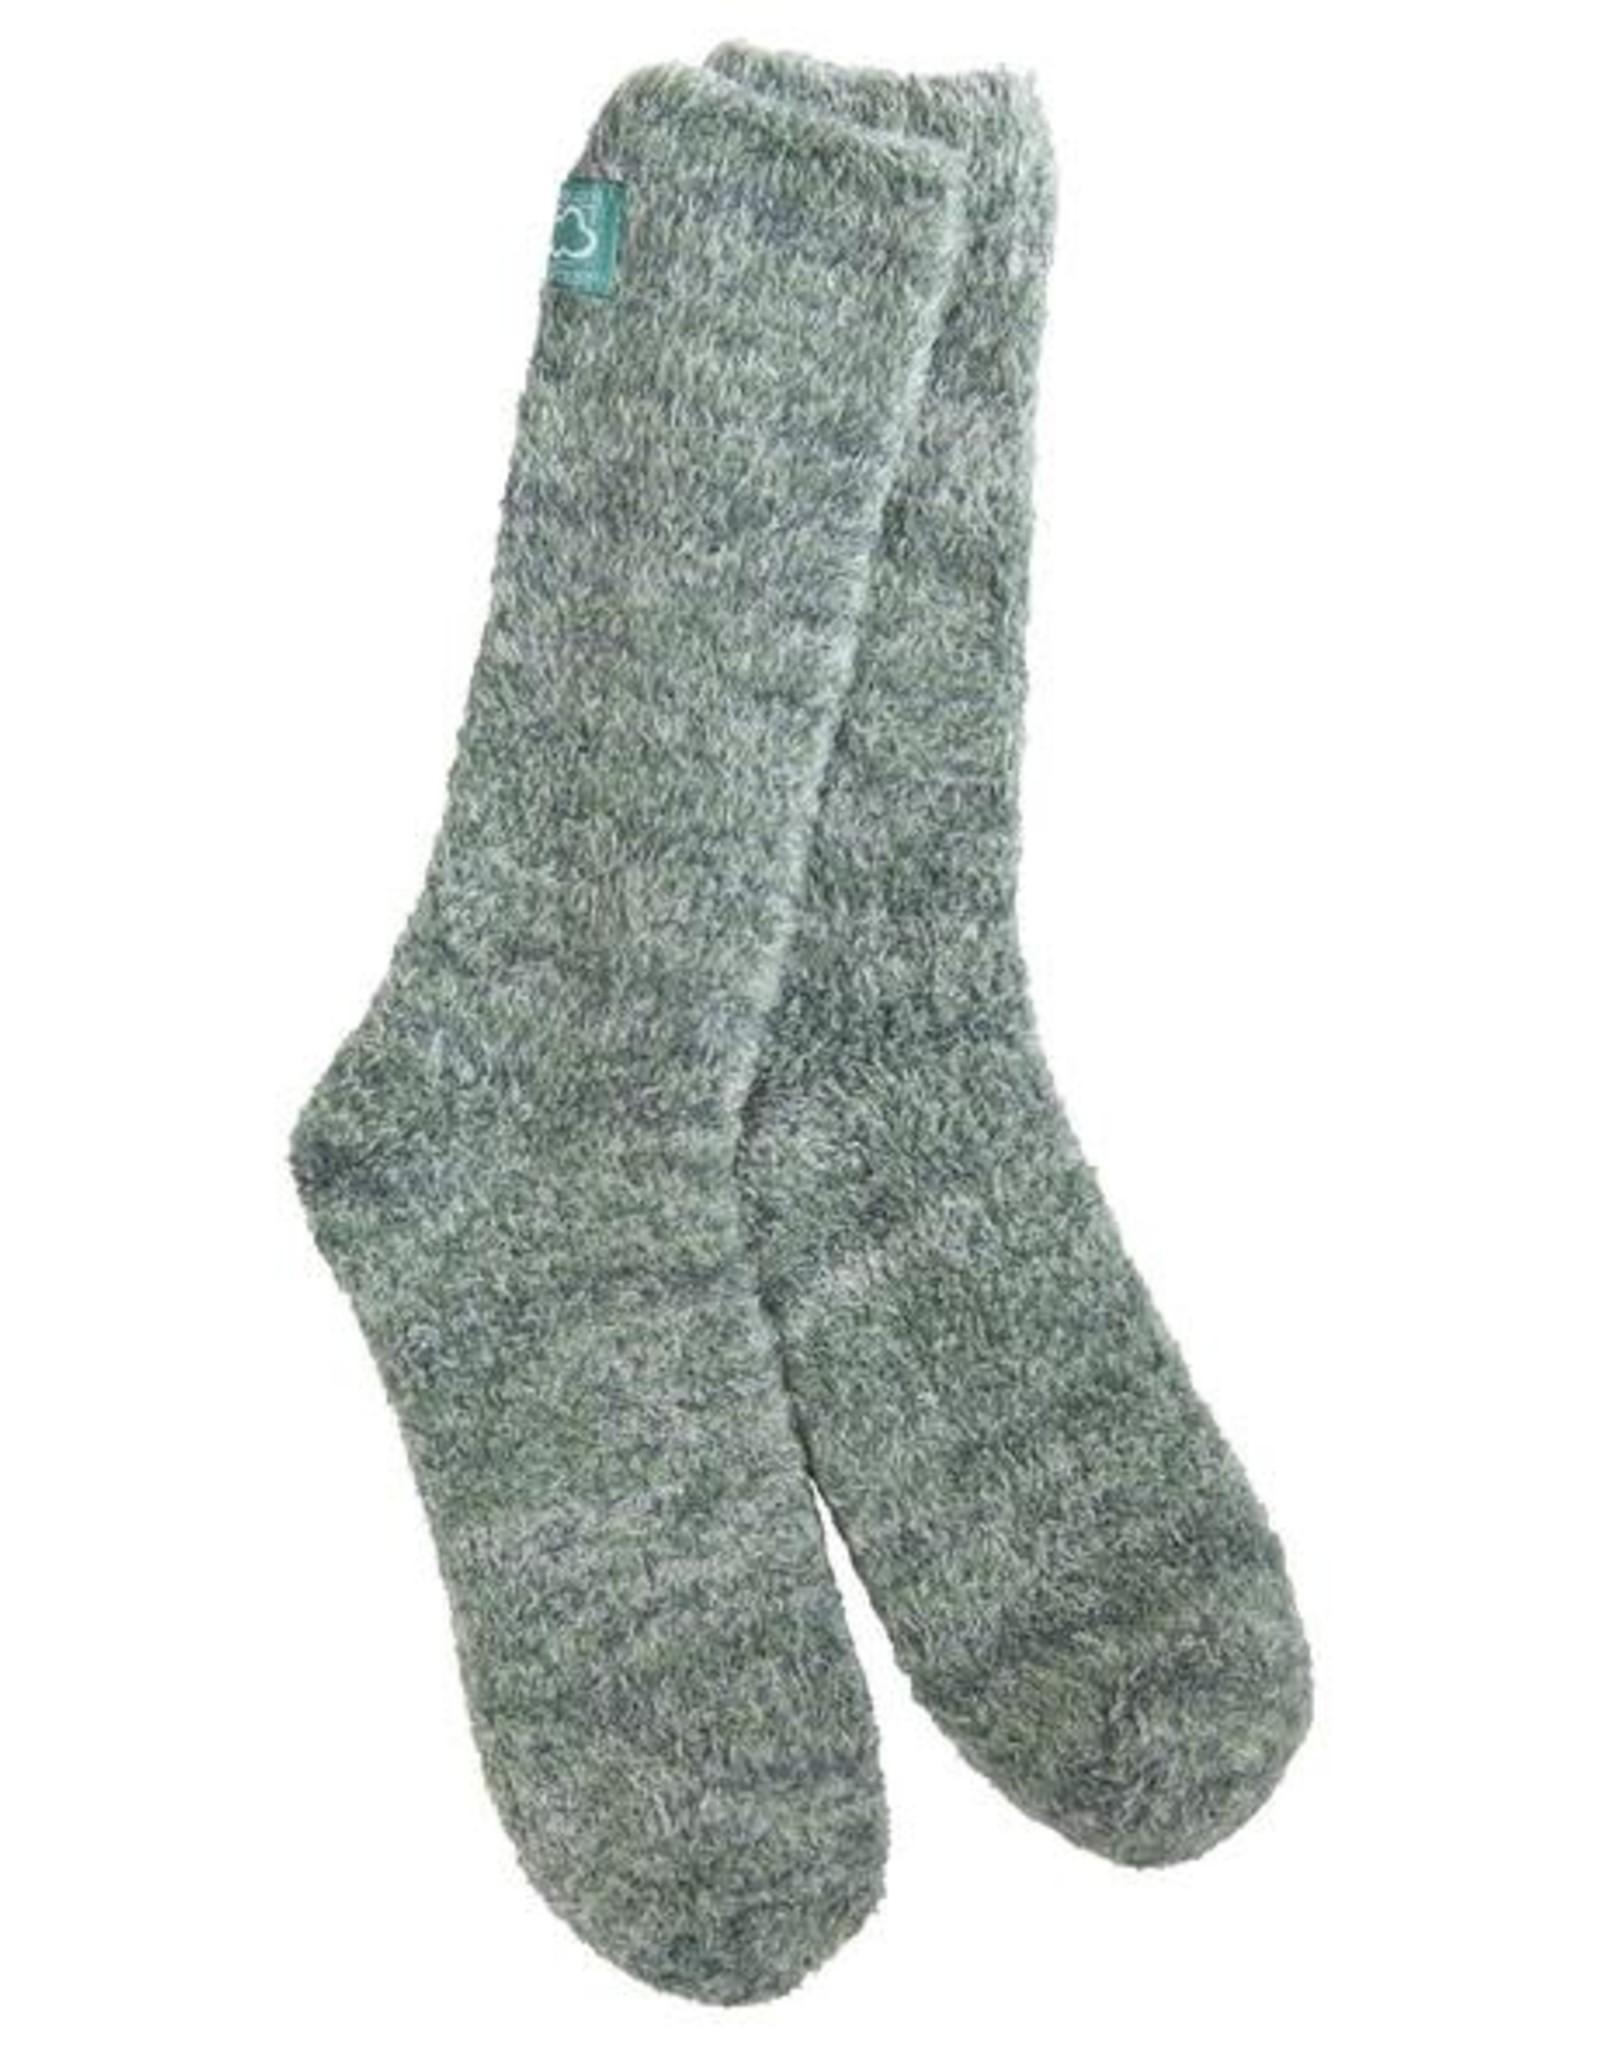 Crescent Sock Company Cozy Luxie Crew Socks